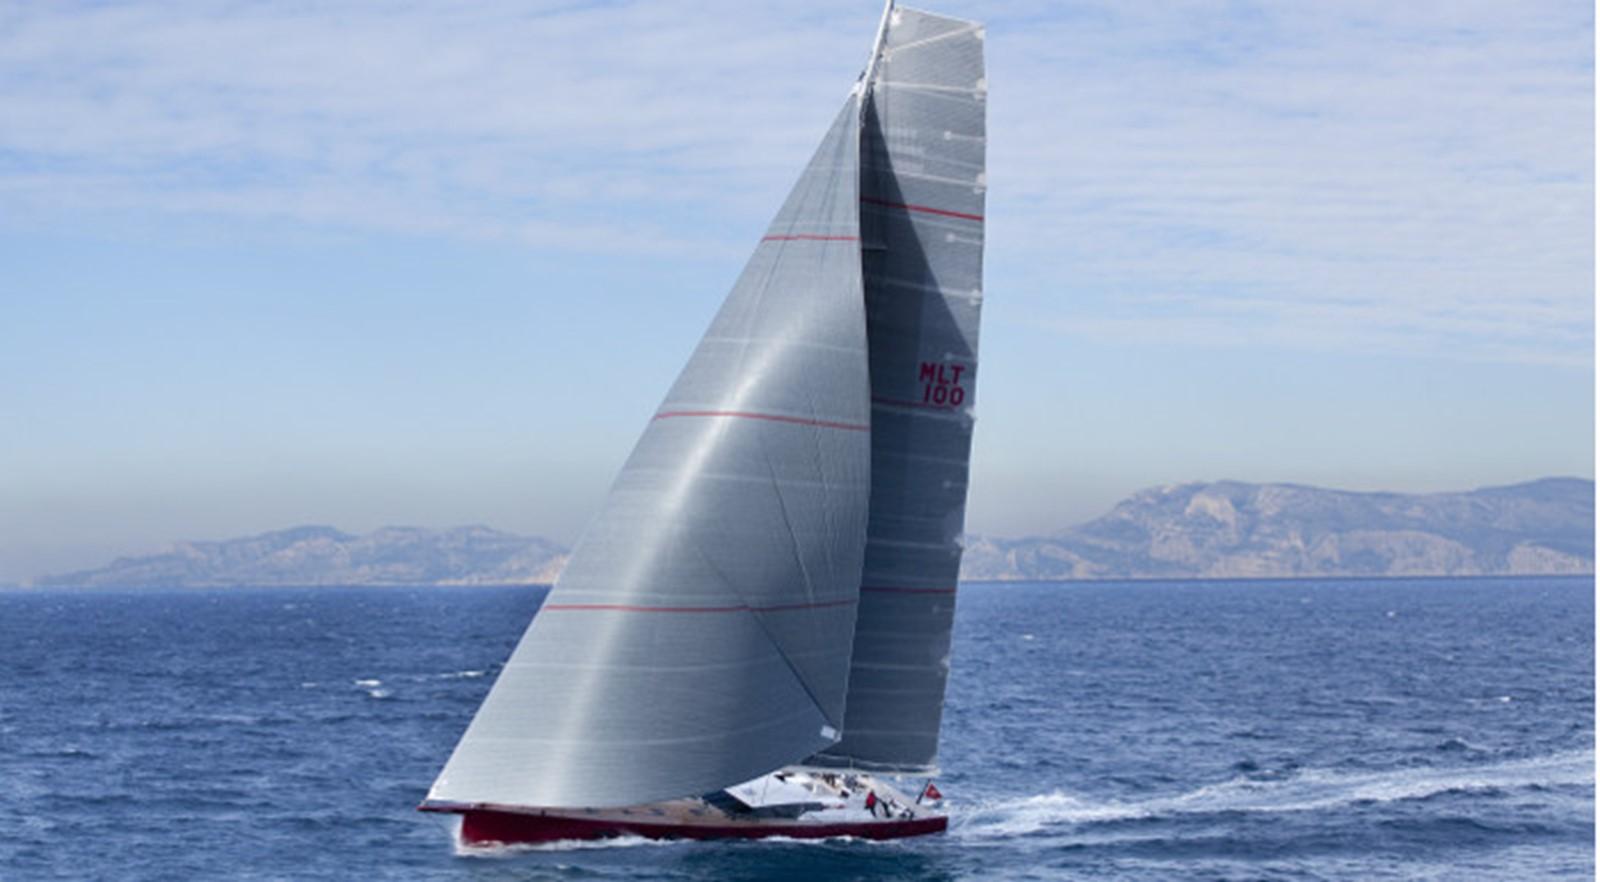 2013 MAXI DOLPHIN SRL Maxi 100 cruiser-racer Cruising Sailboat 2328914